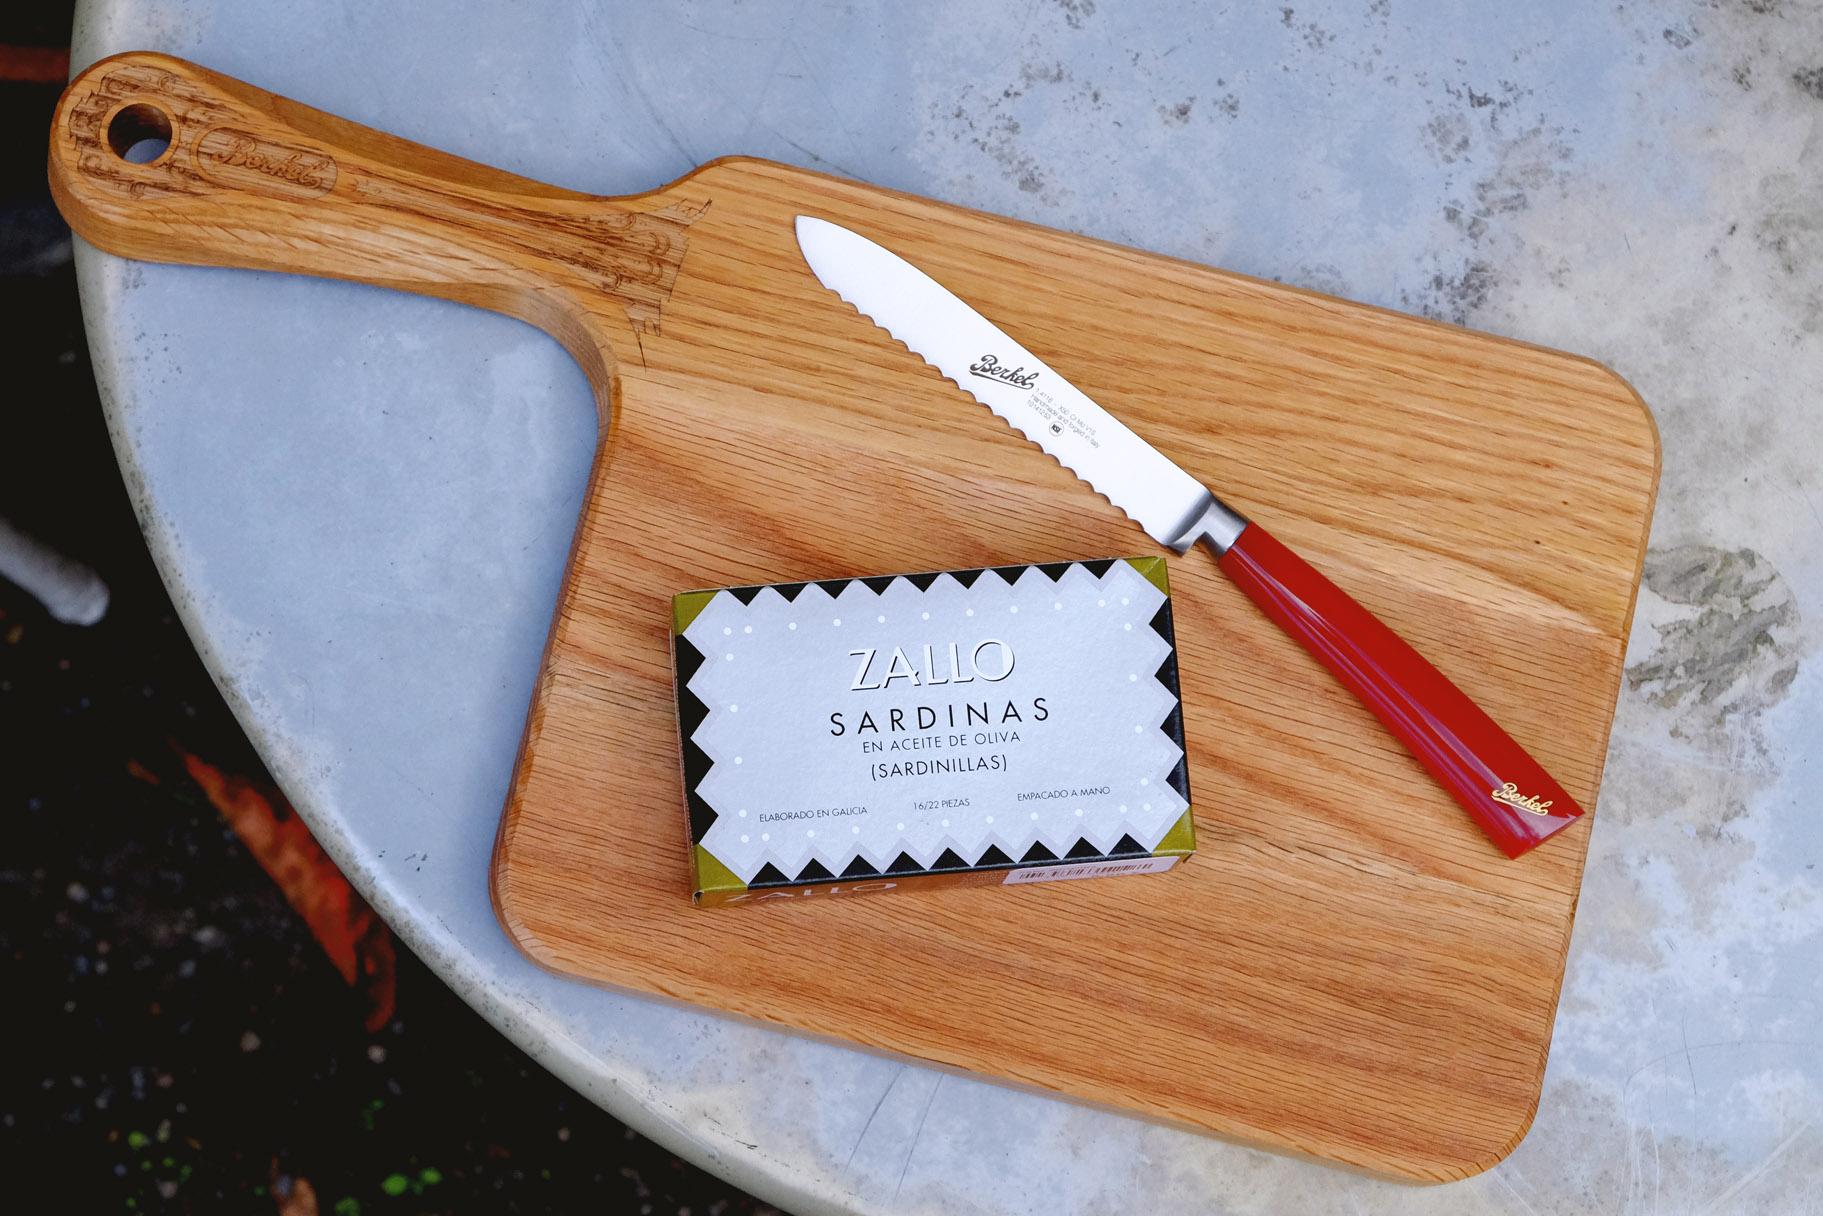 berkel-schneidebrett-holz-intarsien-messer-brotmesser-zallo-sardinen-oelsardinen